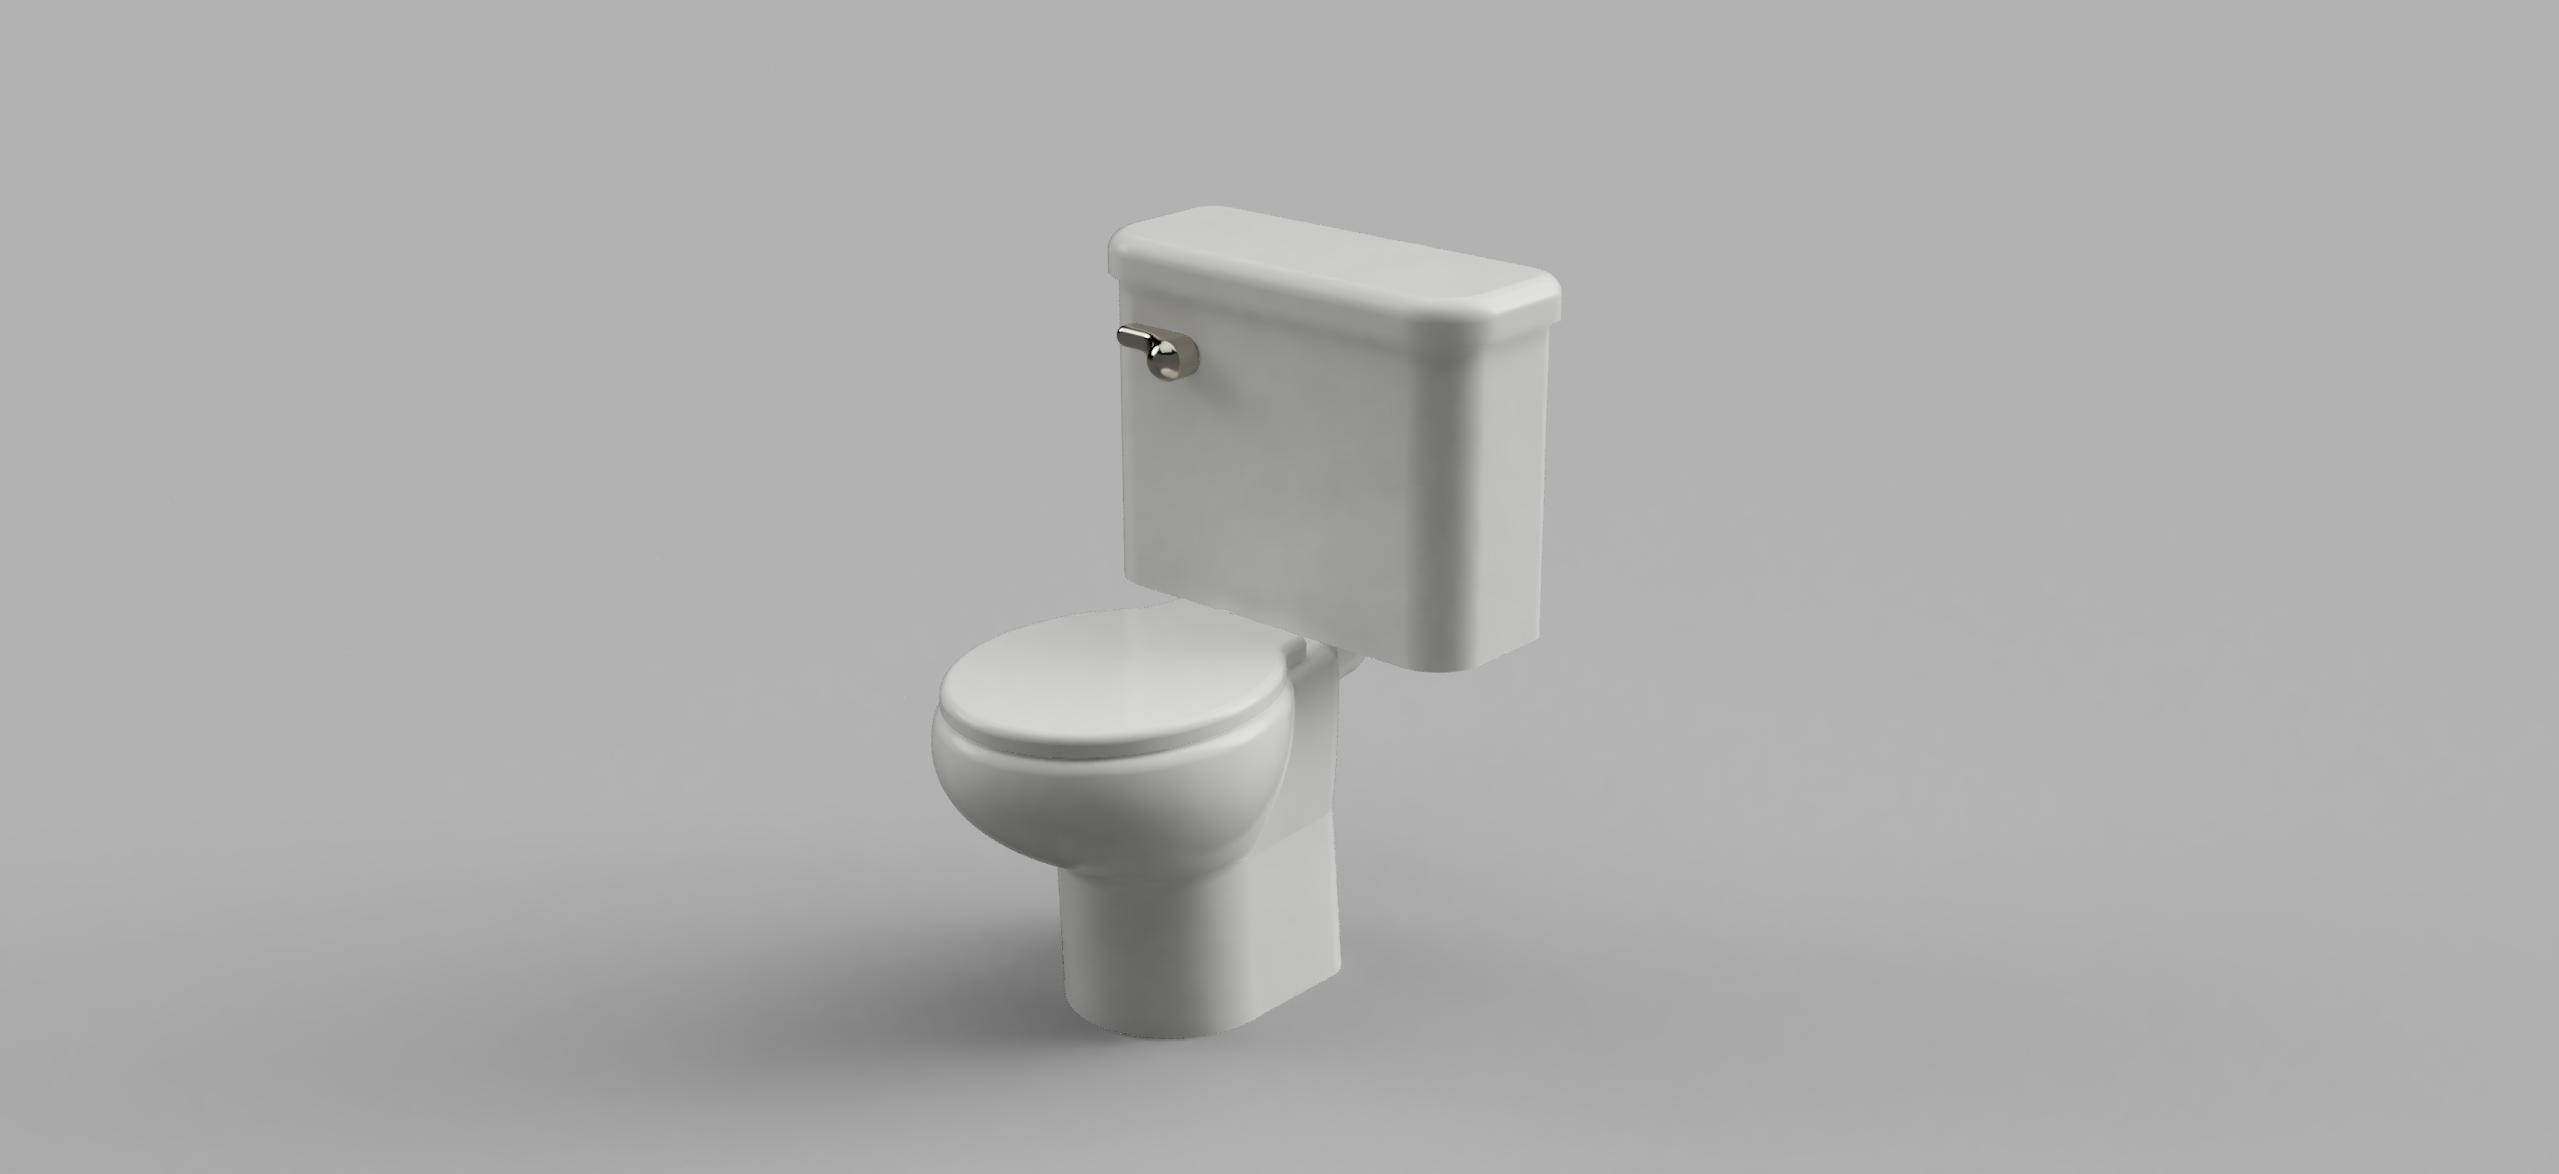 09c25c2e-1d11-421e-adf1-6c61af52637b.PNG Télécharger fichier STL gratuit Dollhouse toilet 1/24 • Design imprimable en 3D, ericcherry